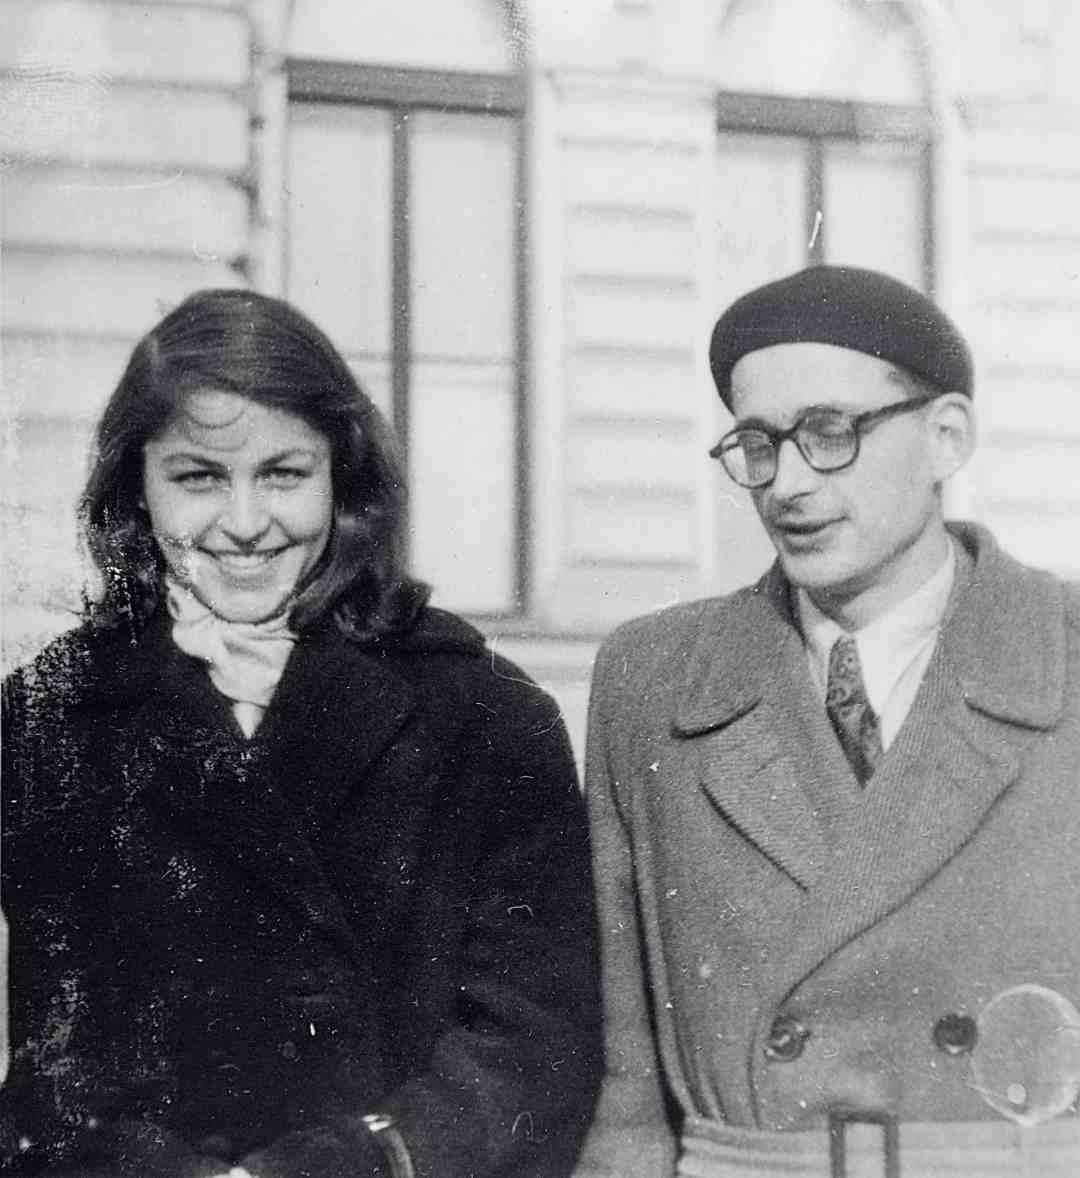 Andrzej Wróblewski and Božena Plevnik (1933–99), later director of the City Gallery in Ljubljana, Slovenia, photo: Barbara Majewska, © Andrzej Wróblewski Foundation